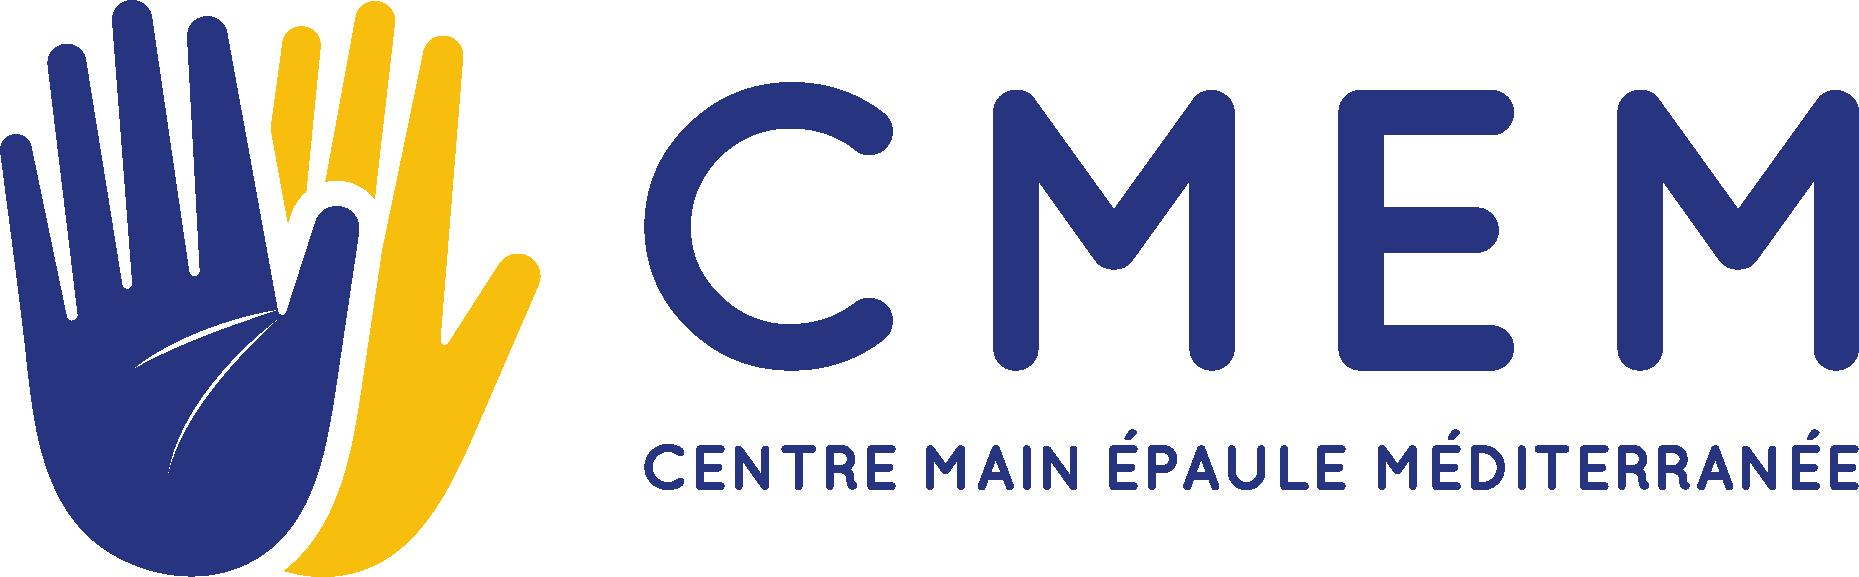 Centre Main Epaule Mediterranée